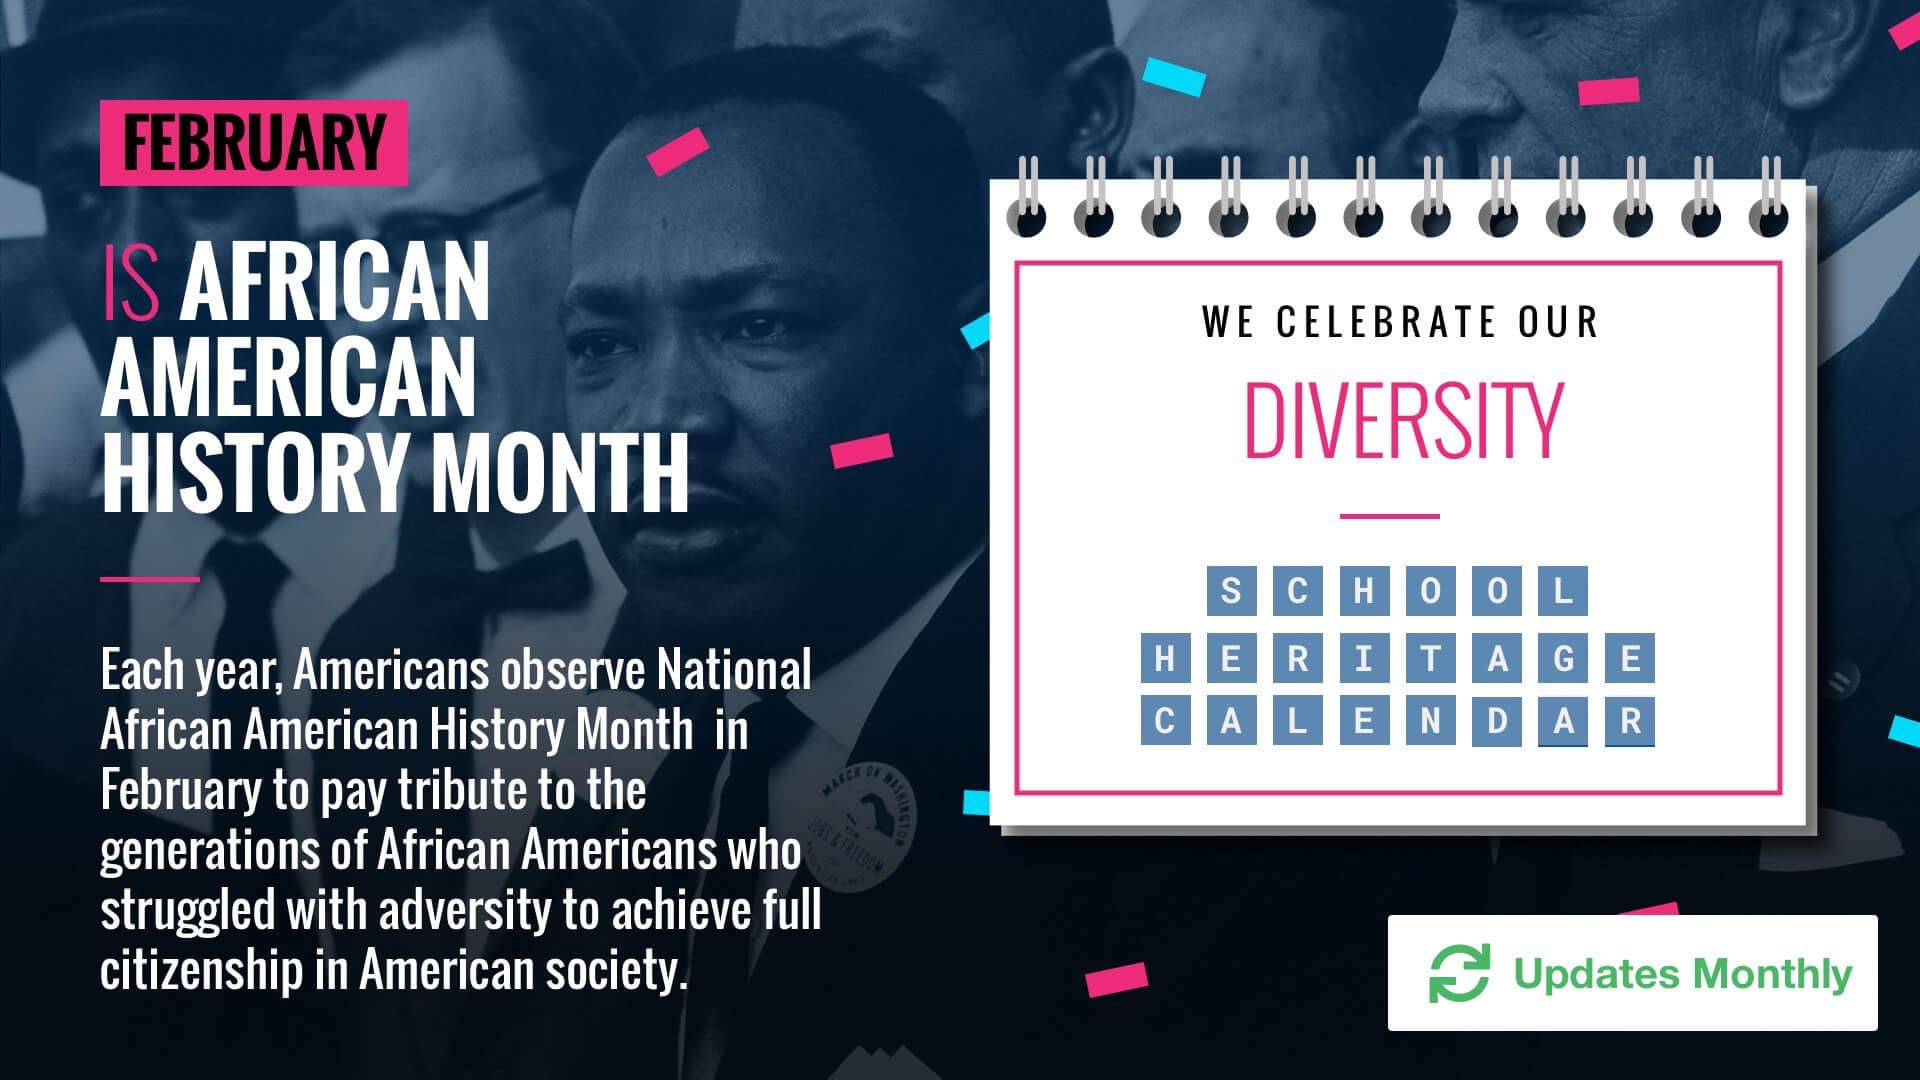 diversity-calendar